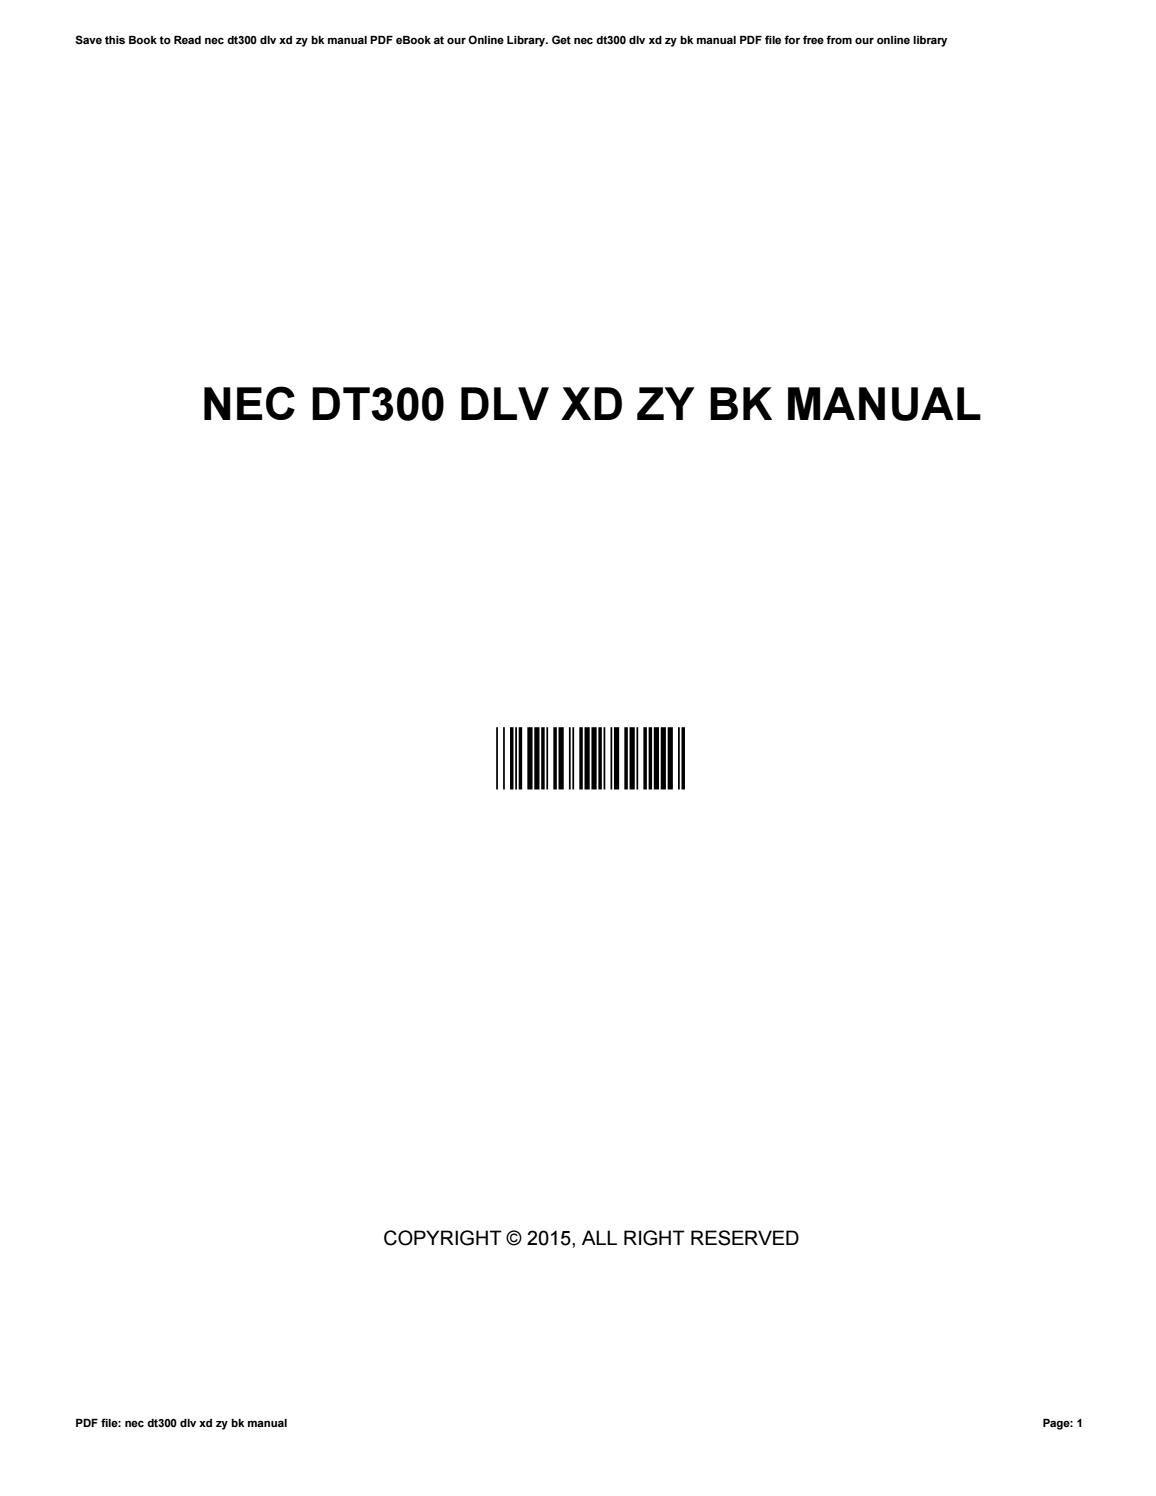 nec dlv xd zy bk manual